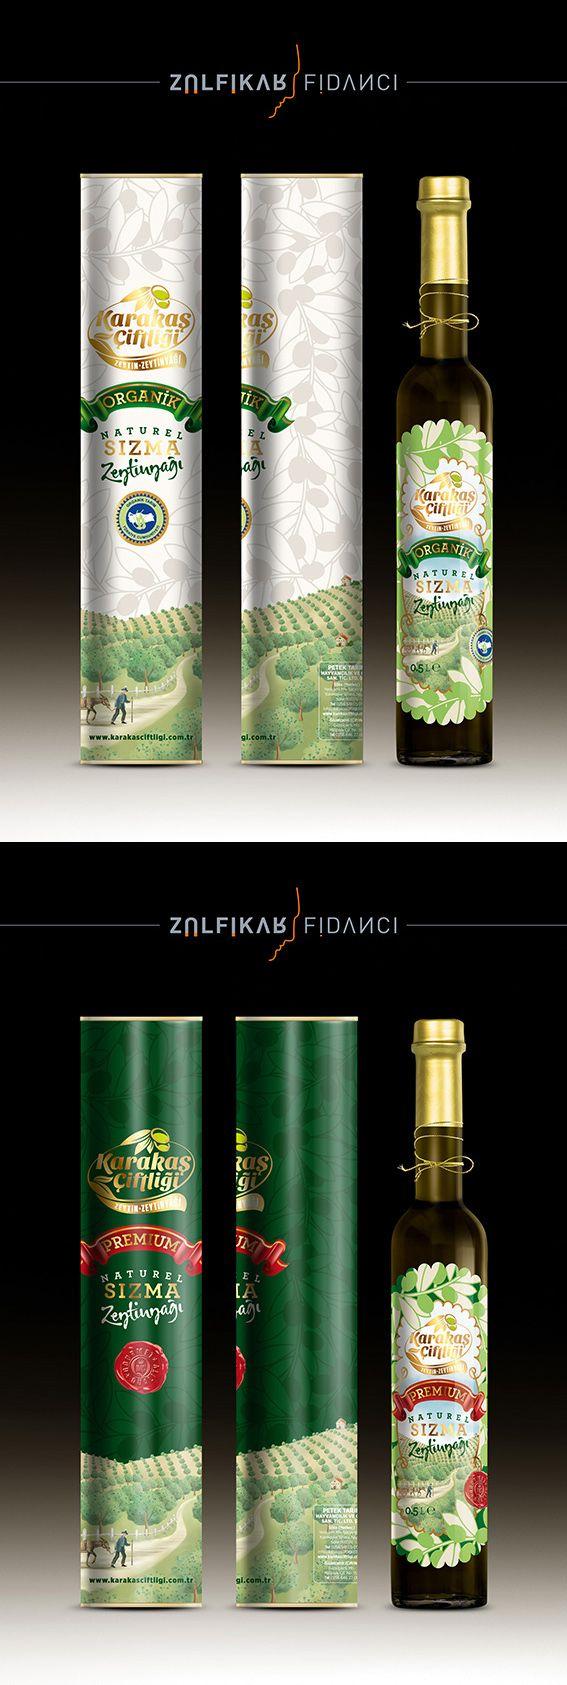 Karakaş Çiftliği markasına butik üretim zeytinyağı etiket ve silindir kutu ambalaj tasarımı. Tasarım ZÜLFİKAR FİDANCI